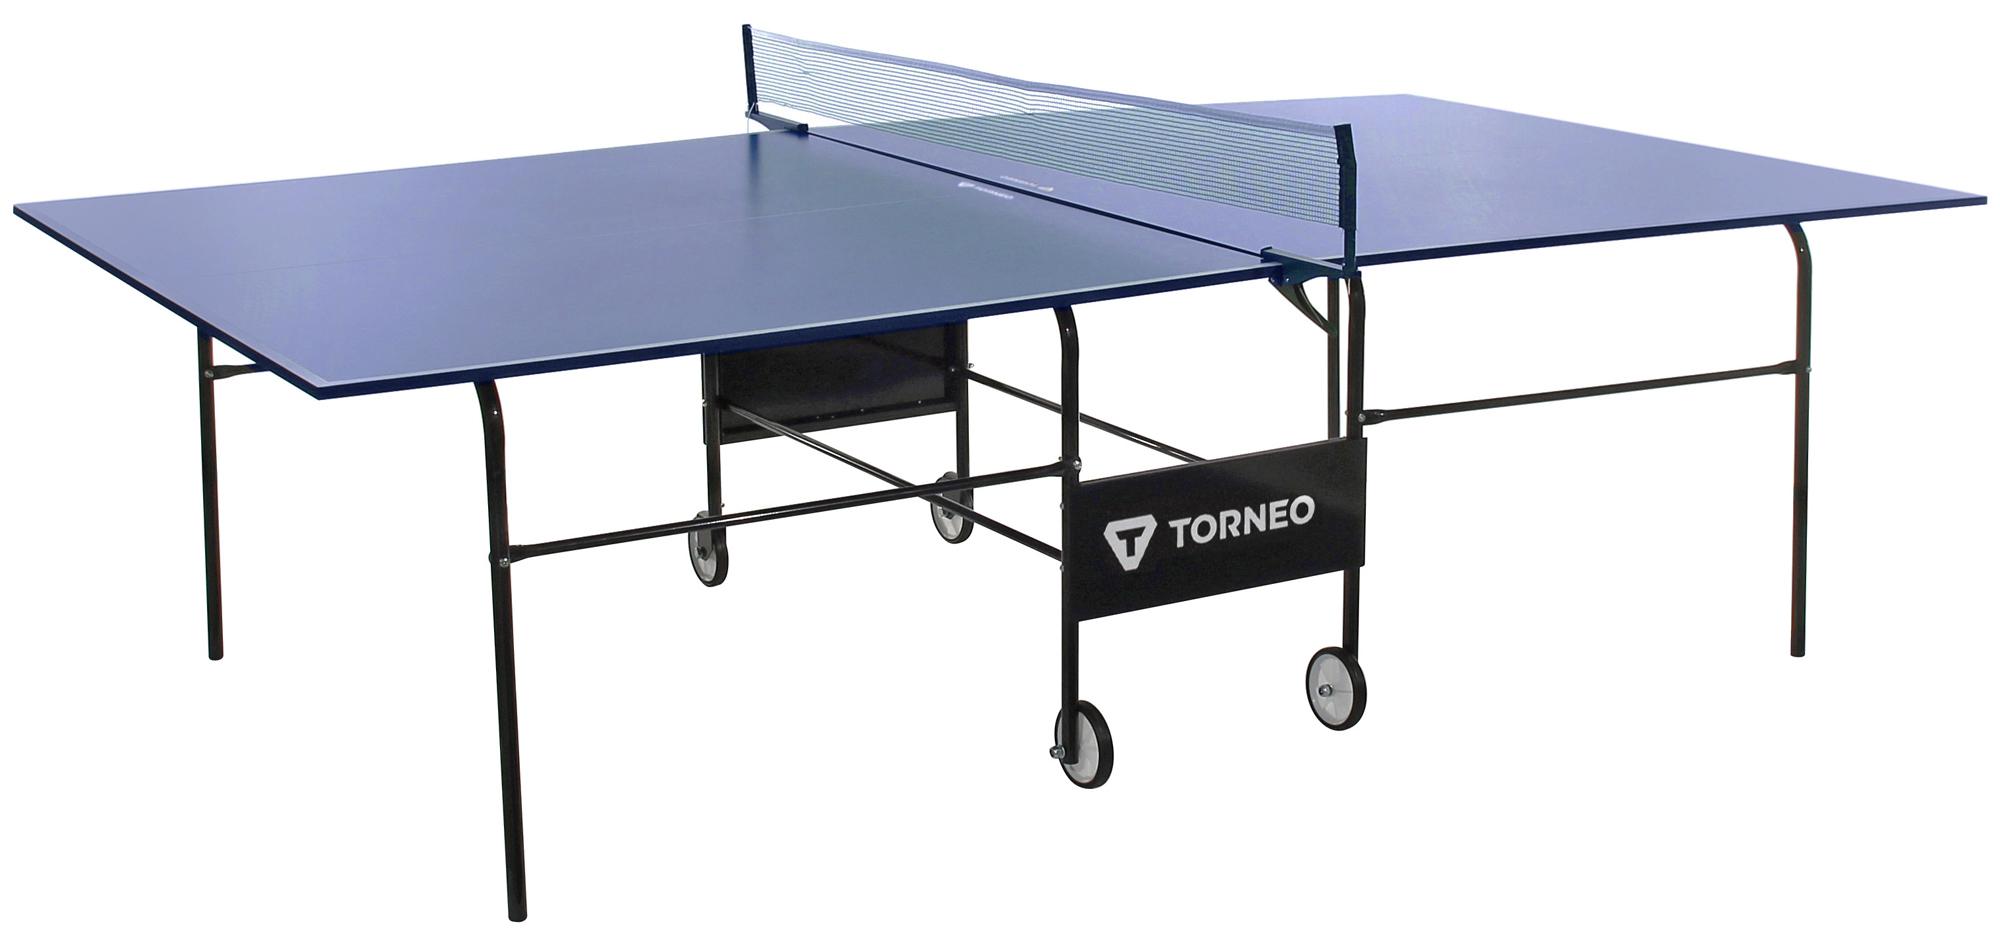 Torneo Теннисный стол для помещений Torneo